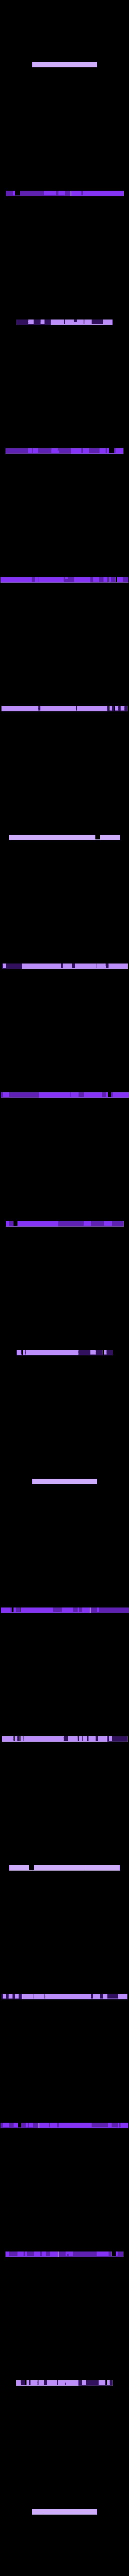 jabba-map-tray-1.STL Télécharger fichier STL gratuit Assaut impérial : Jabba's Realm - Organisateur de tuiles de carte • Plan pour impression 3D, nickgrawburg